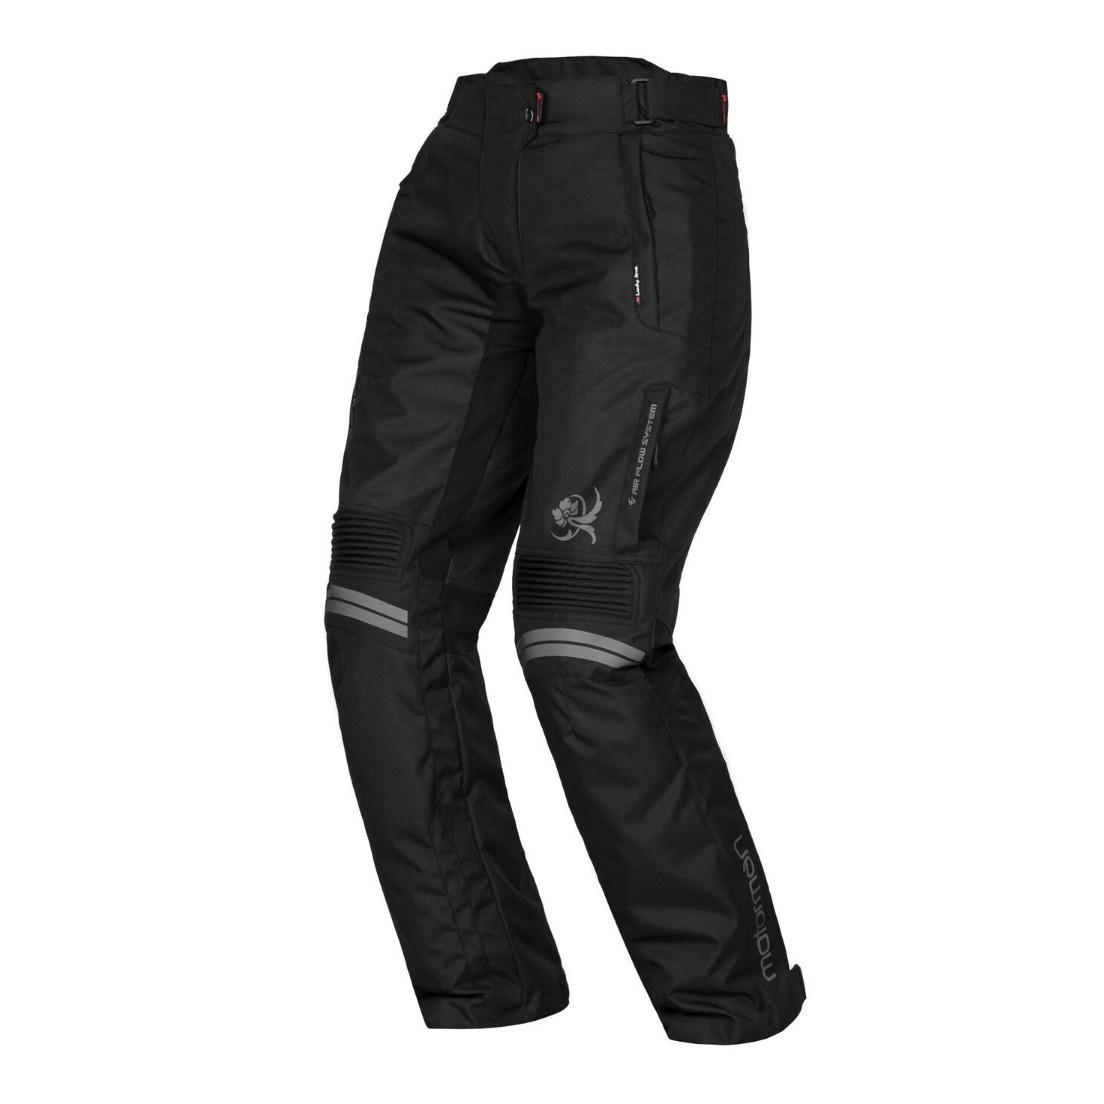 Pantalon de Turismo Motorman Lancer Mujer con Protecciones